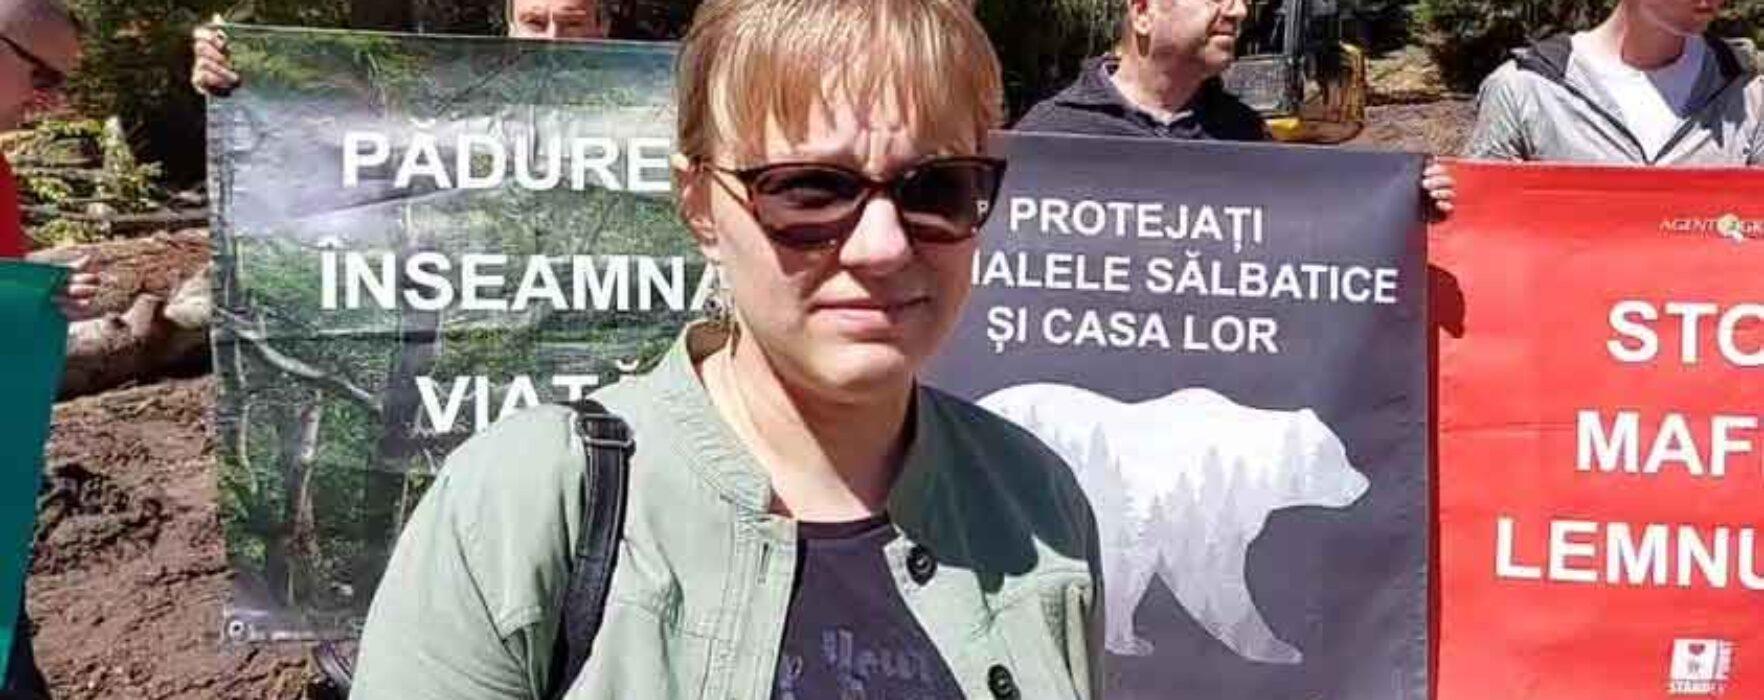 Protest în parcul natural Bucegi, Agent Green reclamă tăieri ilegale de pădure